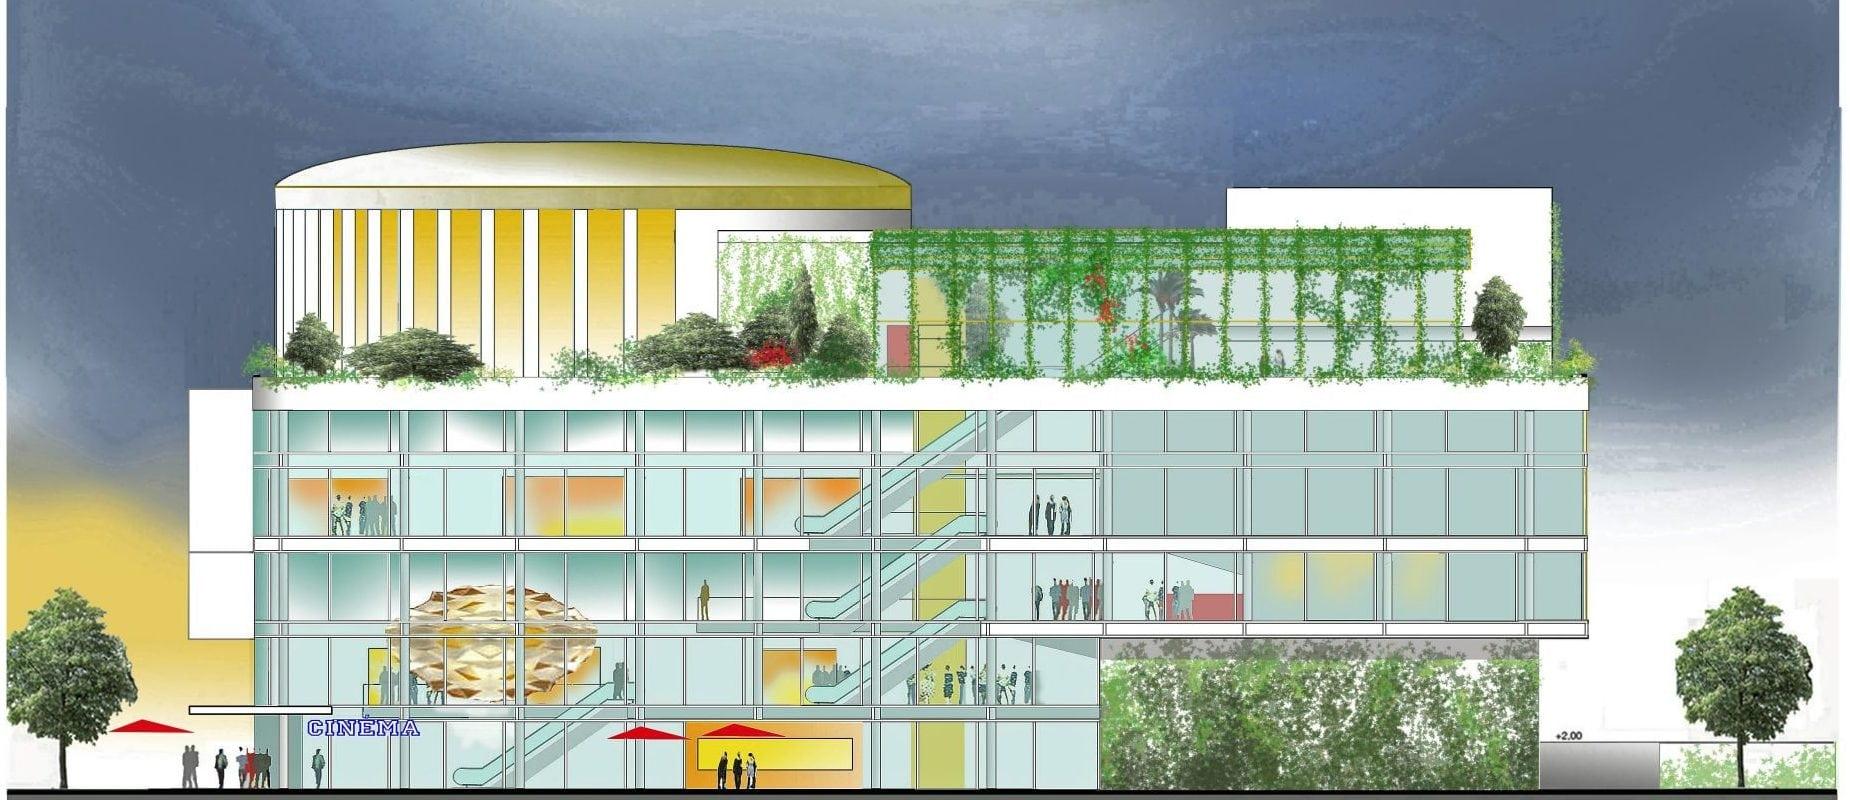 Cinéma, bar et espace loisirs… Le futur complexe Vox derrière les Halles se précise